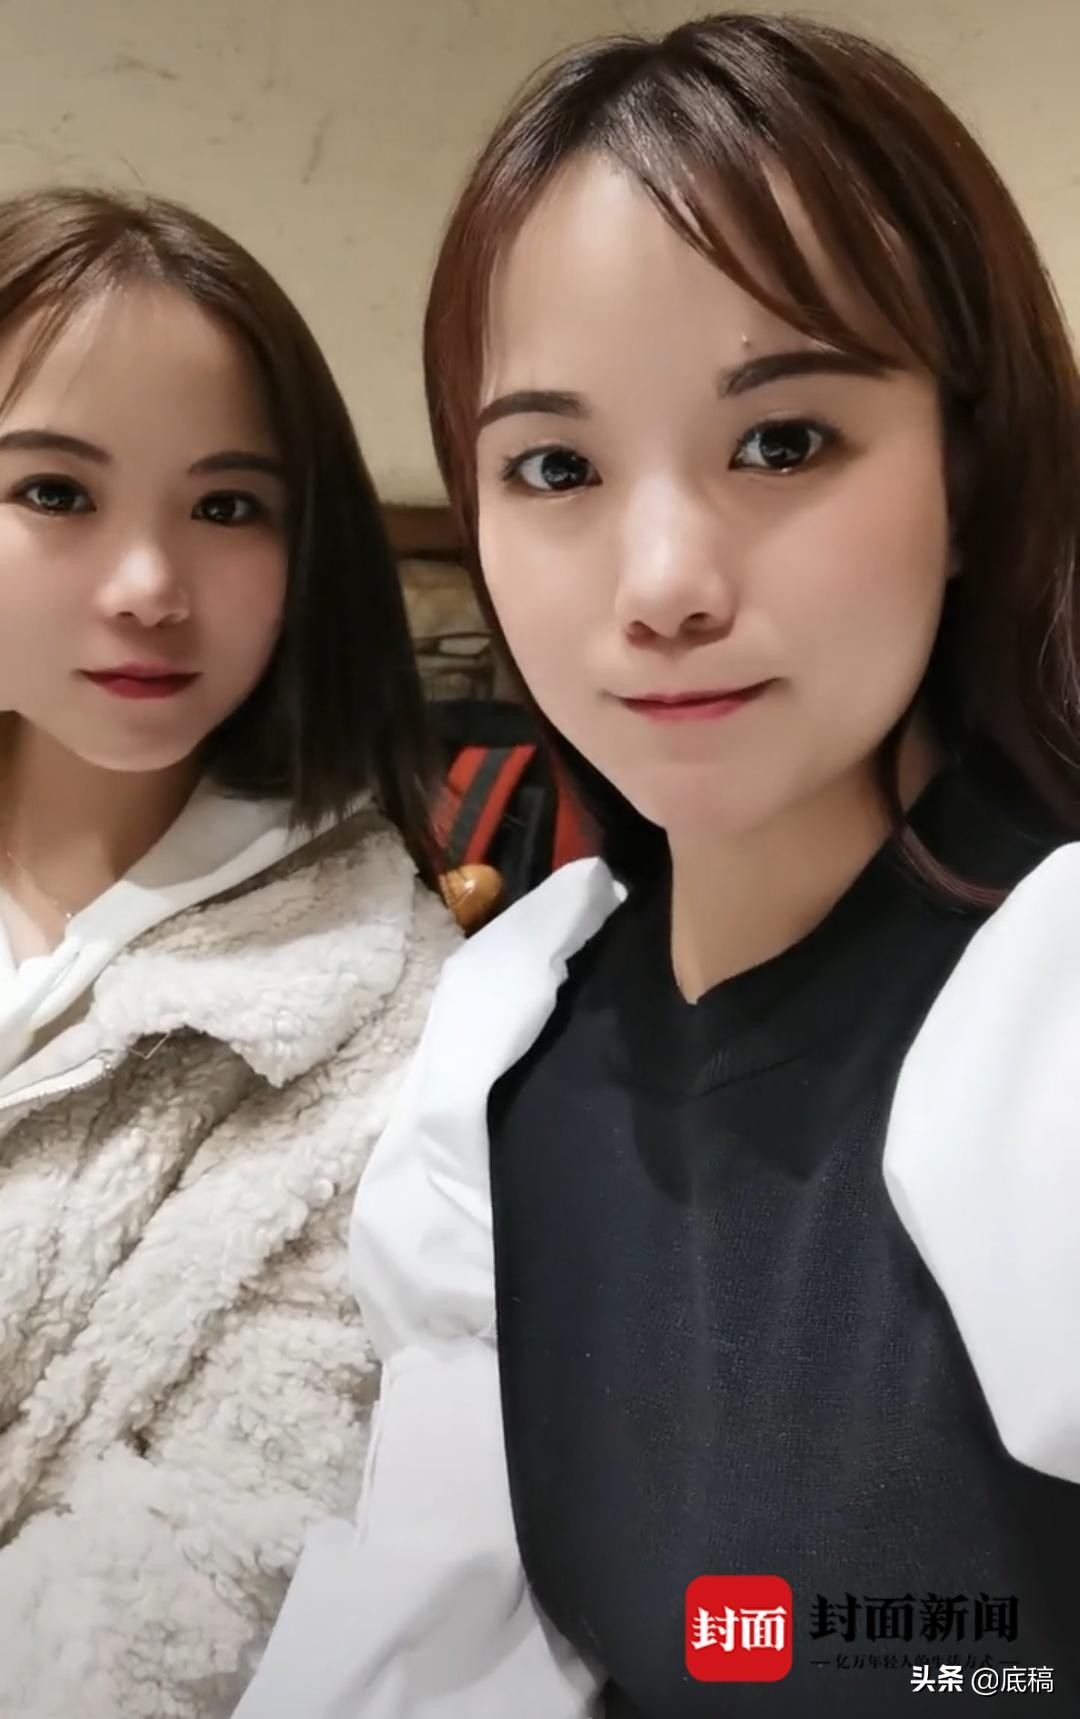 刷视频刷到疑似双胞胎姐妹 连线当事女孩:母亲承认抱养,等对方父母态度再鉴定DNA